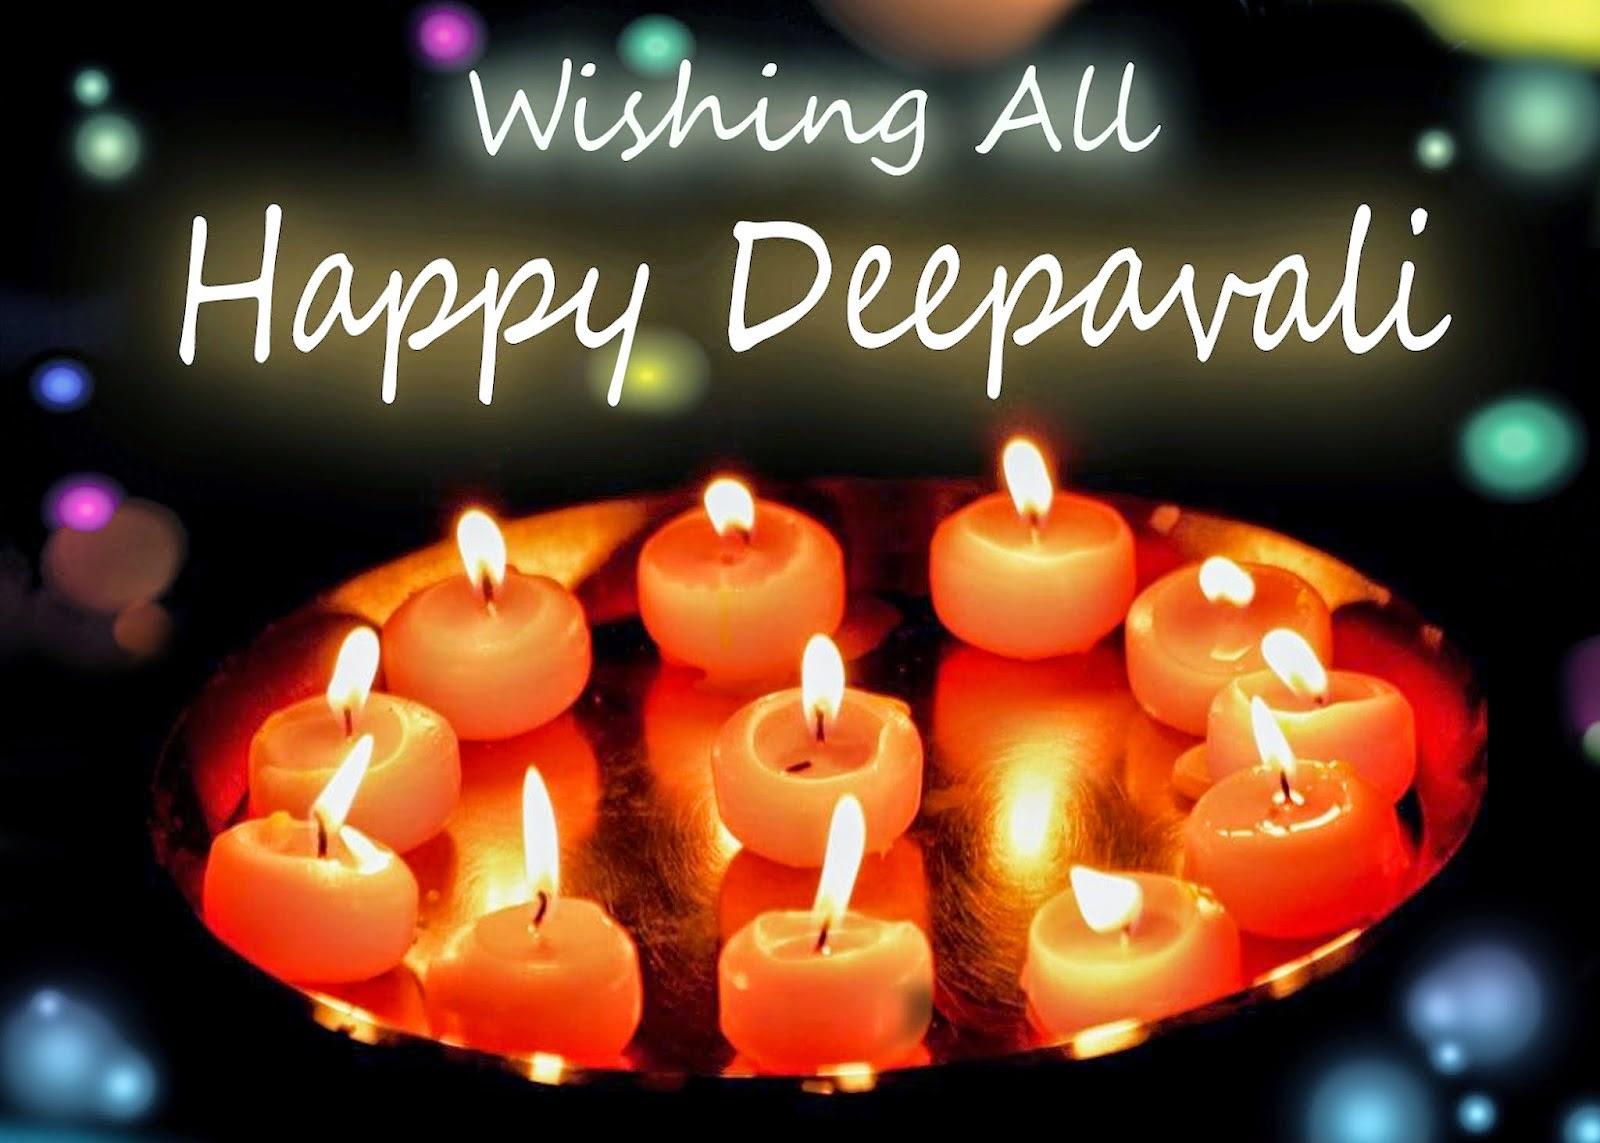 Deepavali 2015 Wallpaper Happy Deepavali 2015 Images